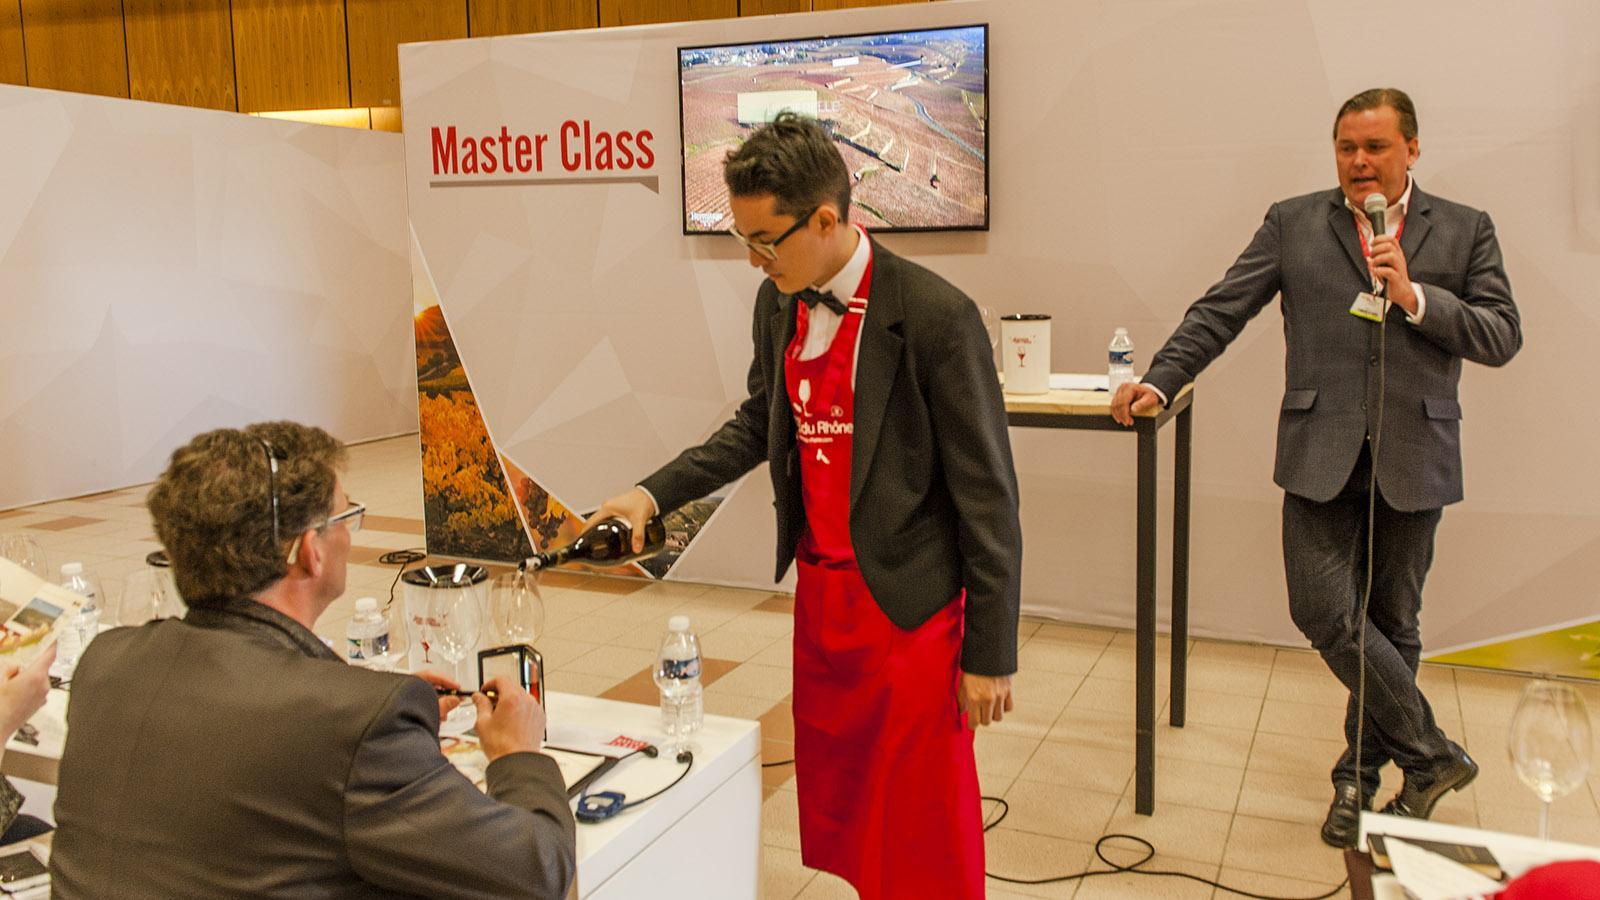 Berühmte Sommeliers leiten die Masterclasses bei den Découvertes de la vallée du Rhône. Foto: Hilke Maunder